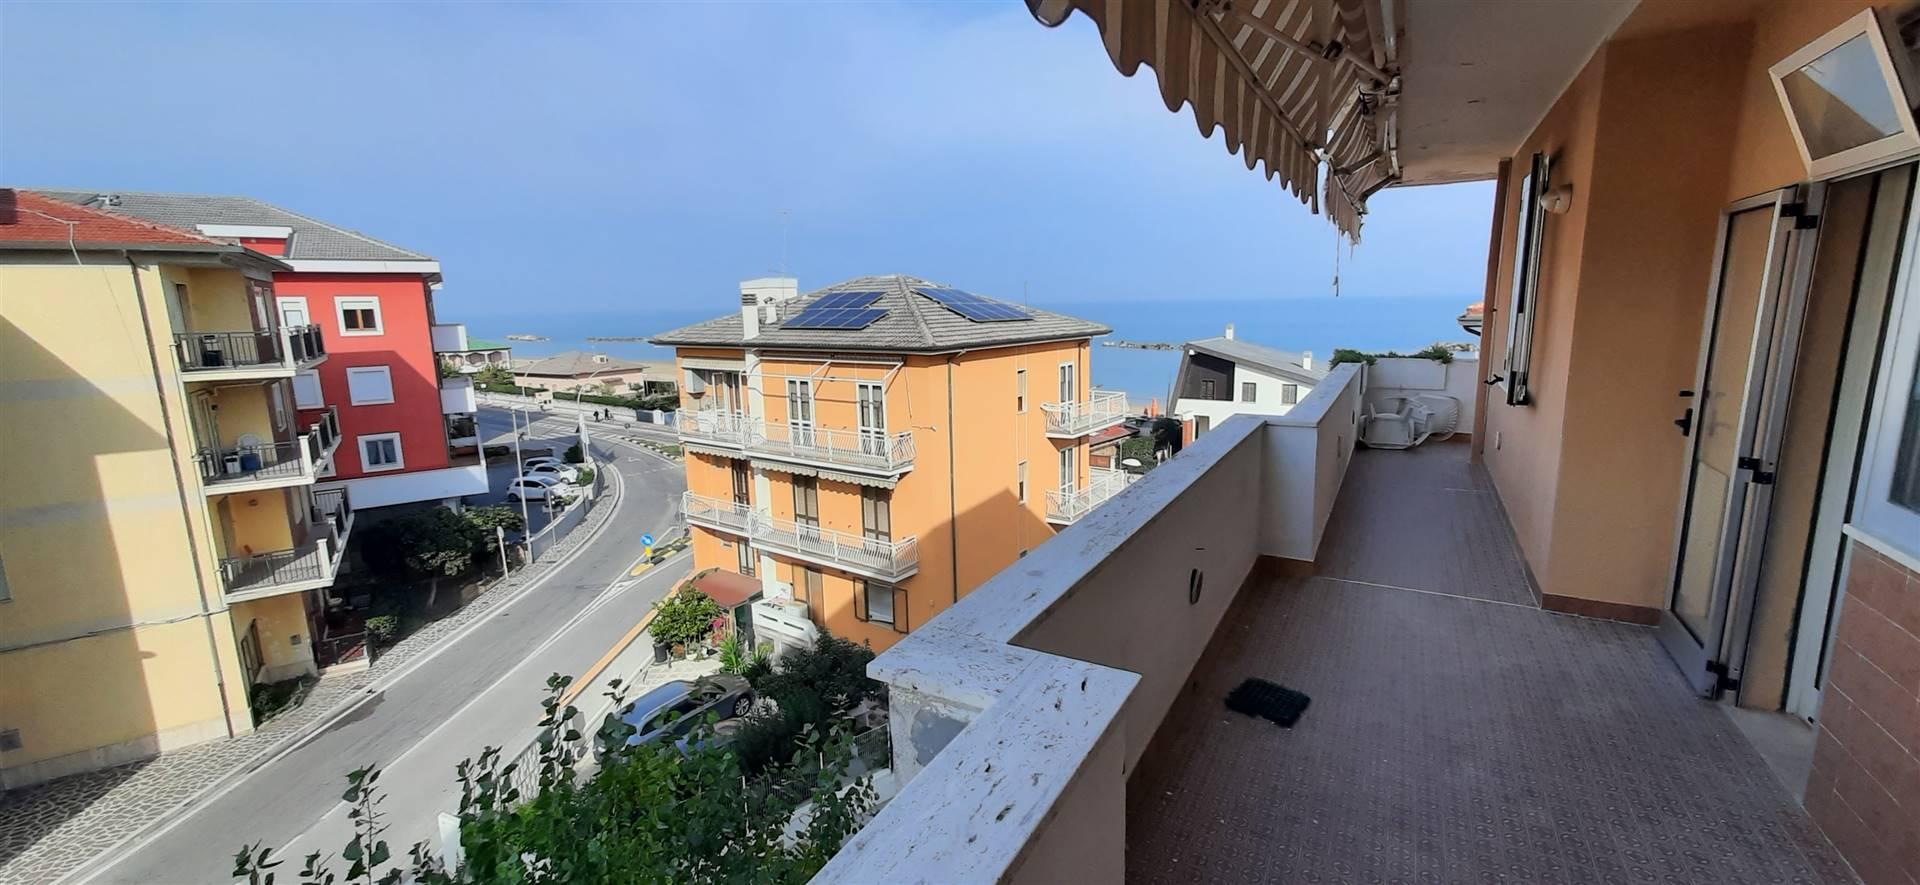 Appartamento in vendita a Francavilla al Mare, 4 locali, zona Località: ZONA SUD, prezzo € 113.000 | CambioCasa.it